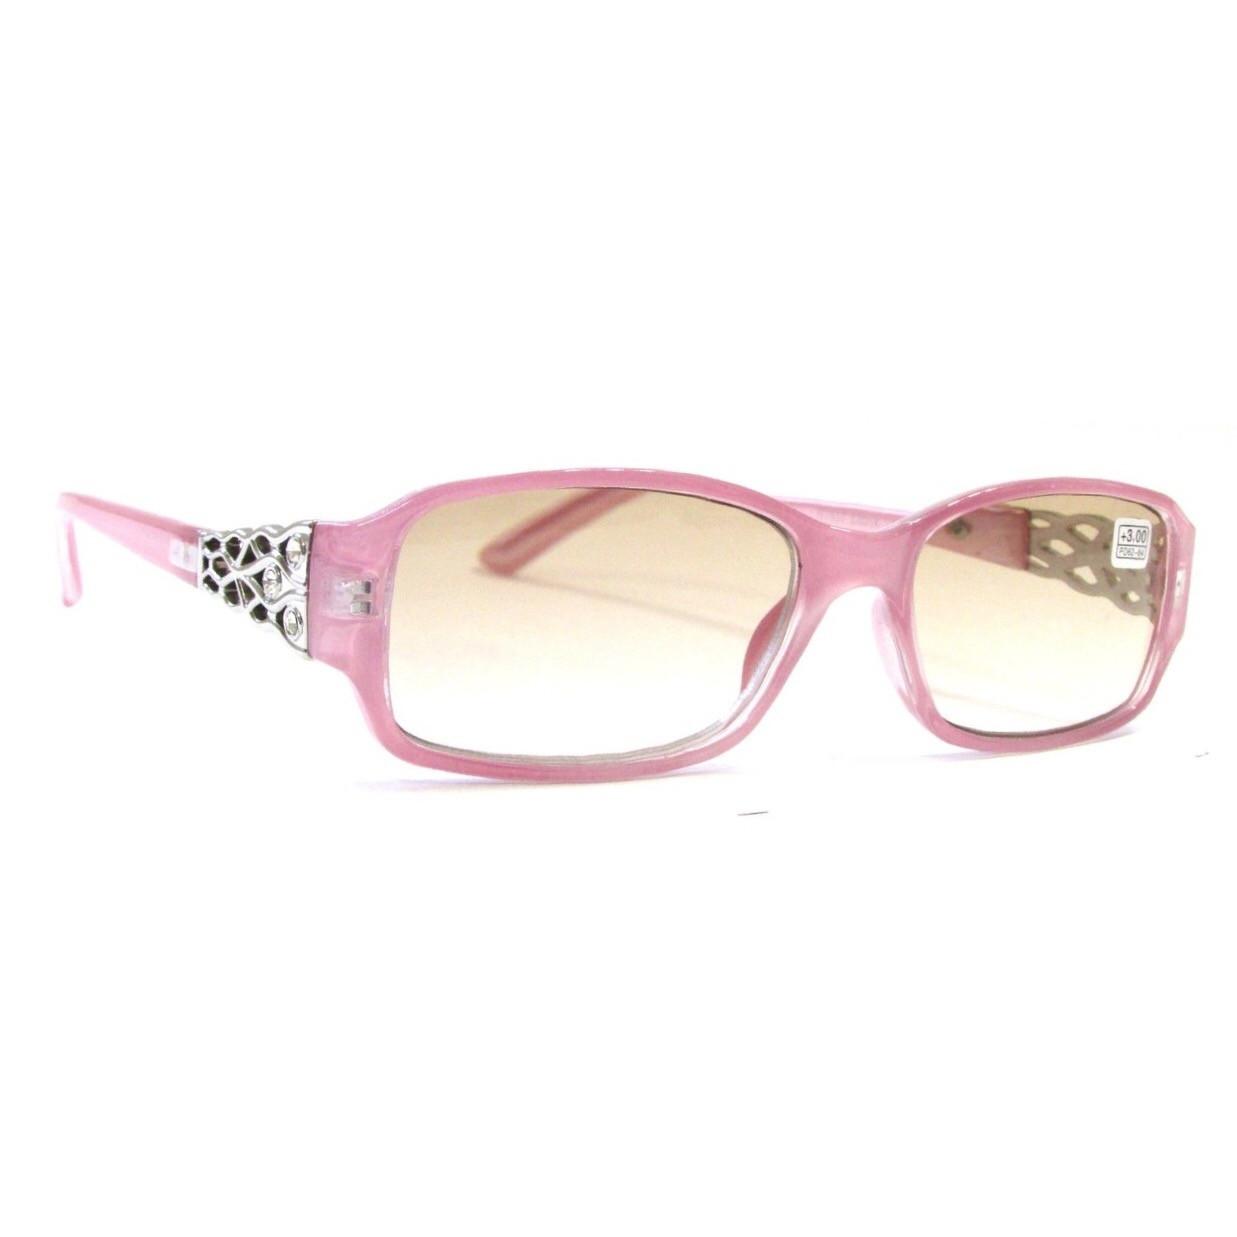 Очки в розовой оправе с тонированной линзой